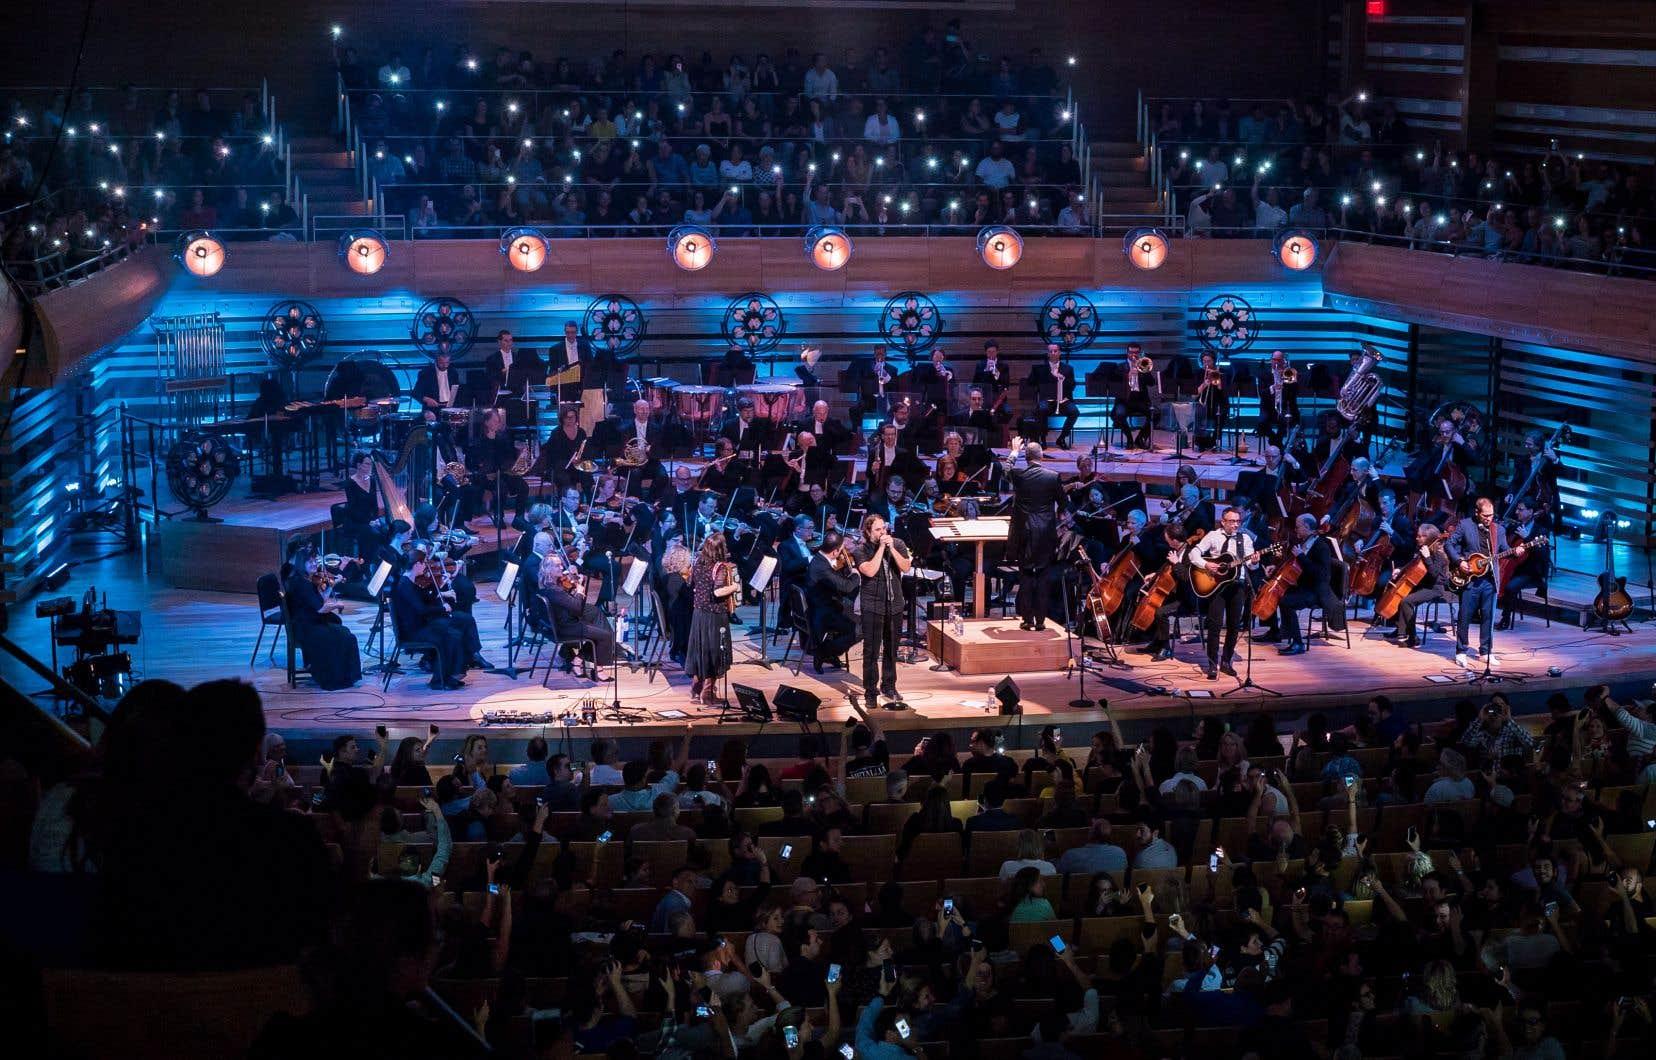 Le chanson «Étoiles filantes» est devenue magique avec un public simulant les étoiles à l'aide de cellulaires.